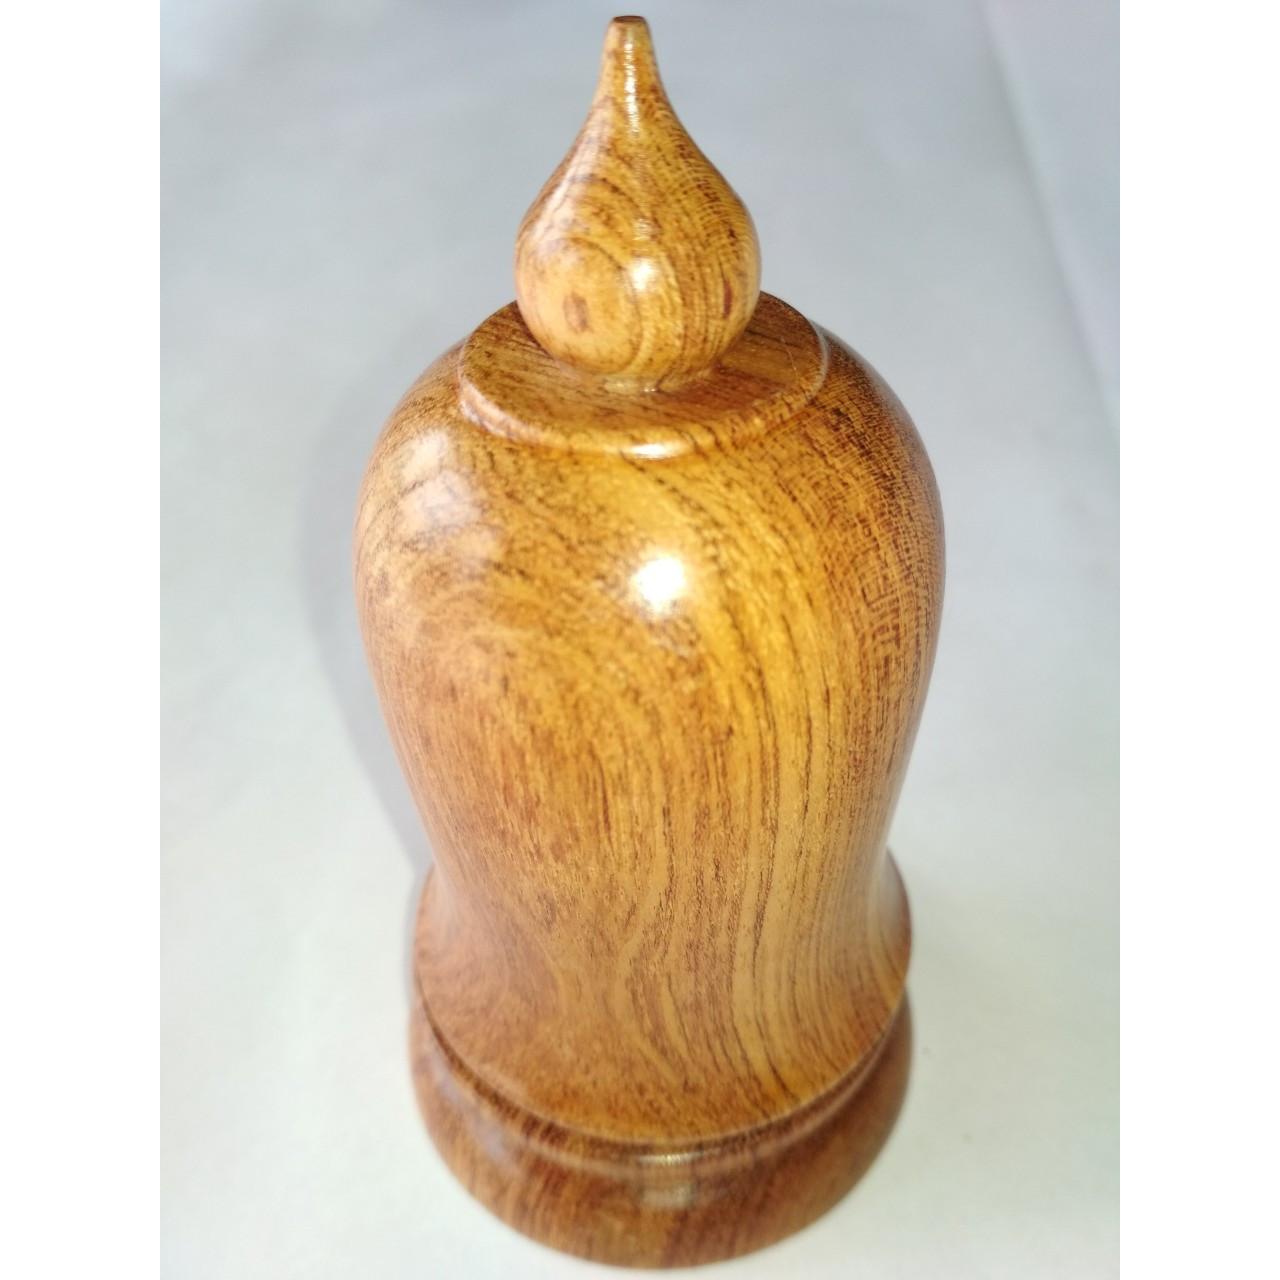 Lọ tăm gỗ hương đá hình quả chuông.